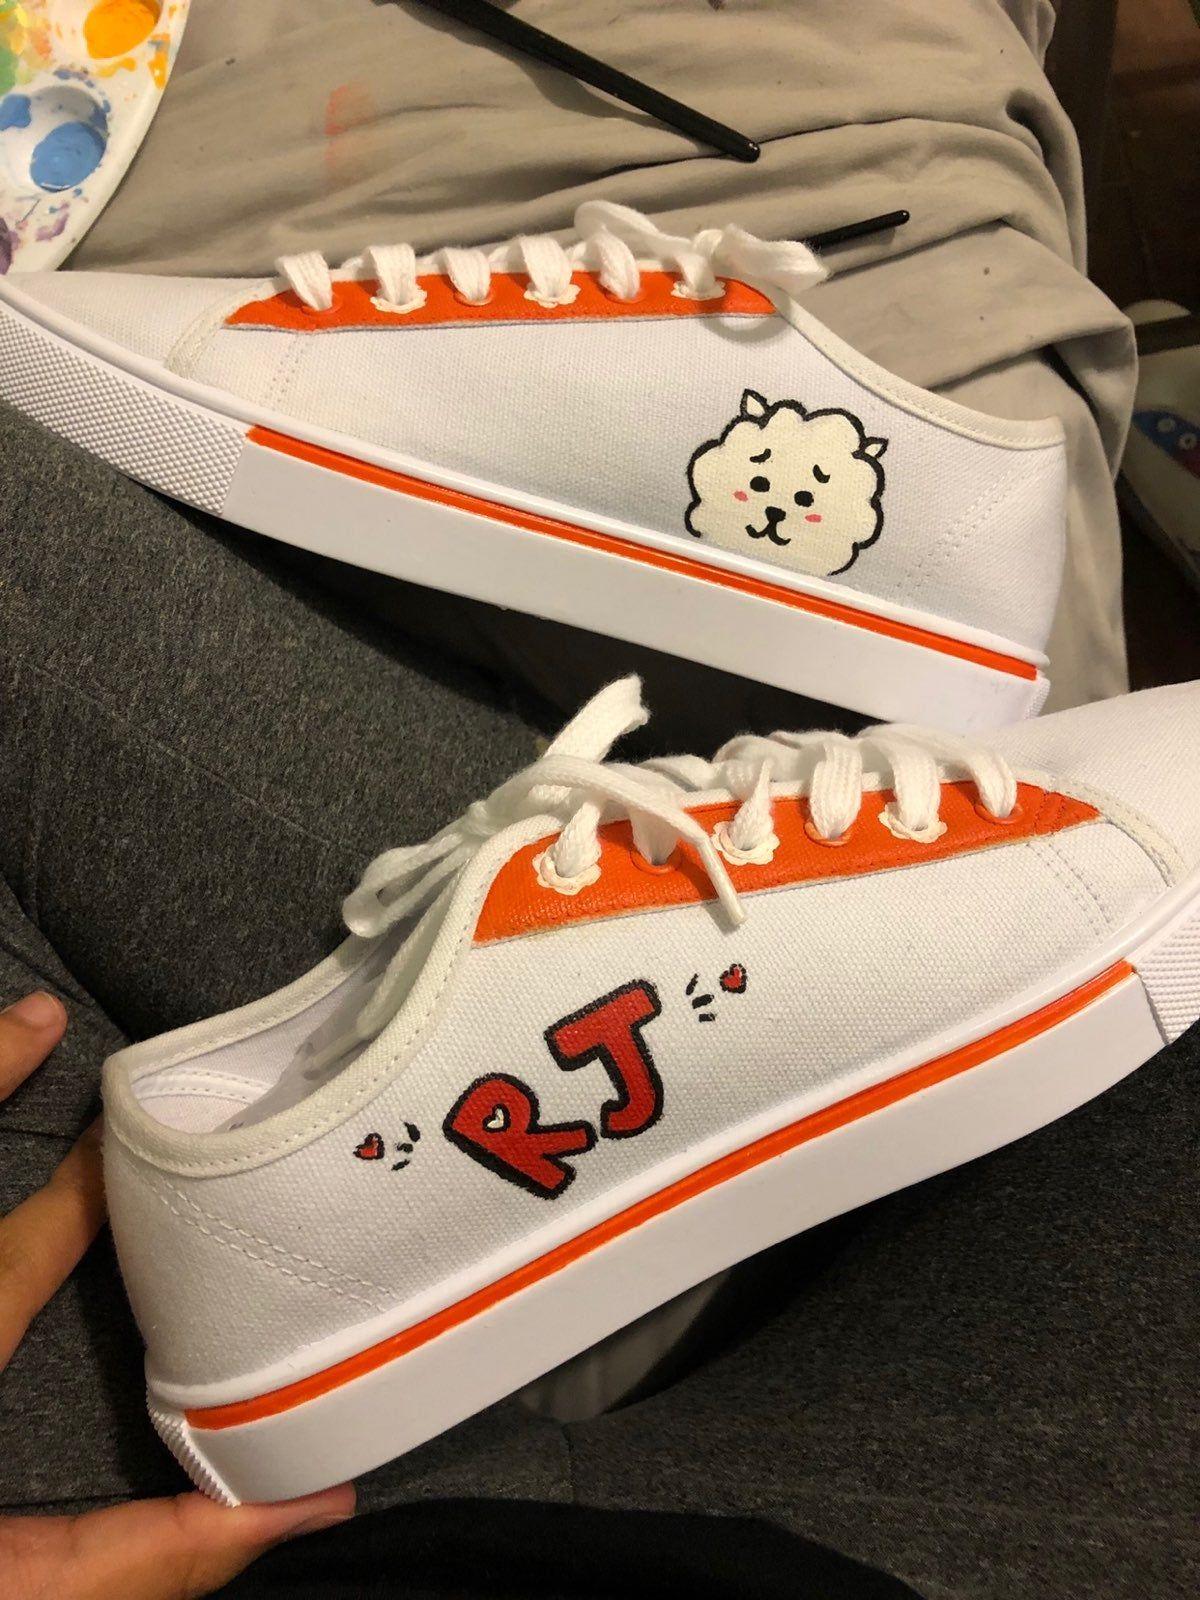 KPOP BTS RJ-Inspired Sneakers